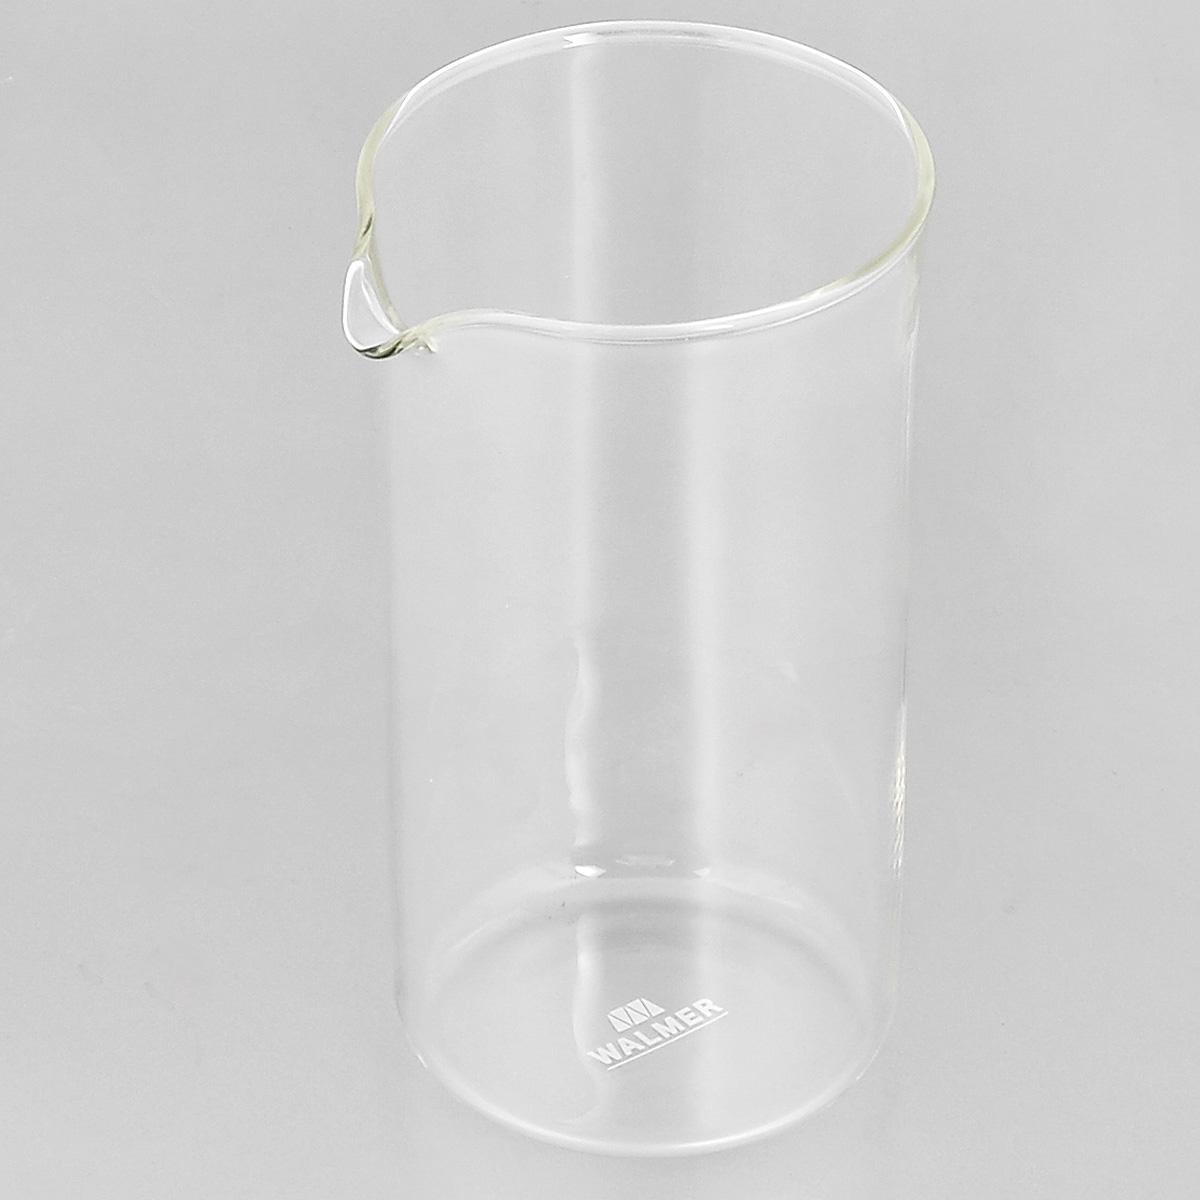 Колба для кофейников Walmer, 350 млW04001035Колба Walmer, изготовленная из высококачественного прозрачного стекла, предназначена для кофейников и френч-прессов. Изделие прекрасно подойдет для замены старой разбитой колбы. Это сосуд, который напрямую контактирует с напитком, поэтому он должен быть выполнен из качественных материалов. Изделие выдерживает высокие температуры и не мутнеет при многократном мытье. Данная колба прослужит вам надежно и долго. Можно мыть в посудомоечной машине. Диаметр: 7 см. Высота: 13,5 см. Объем: 350 мл.